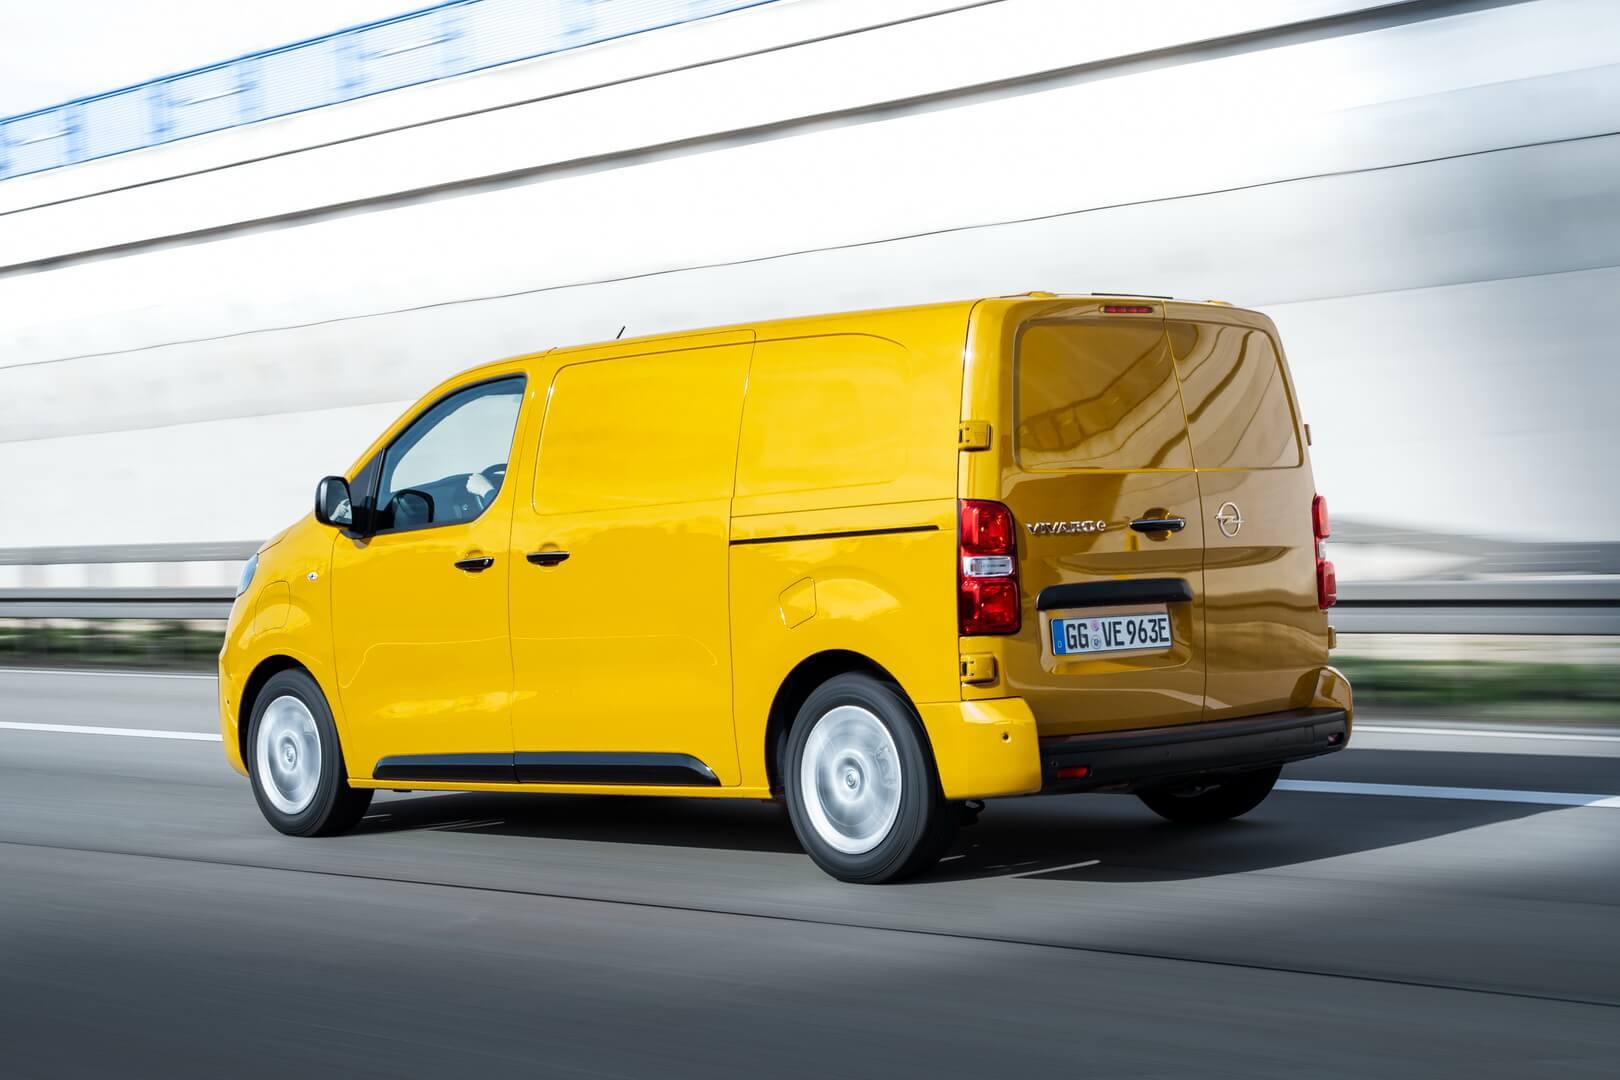 Электрофургон Opel Vivaro-e получил дополнительное прицепное устройство